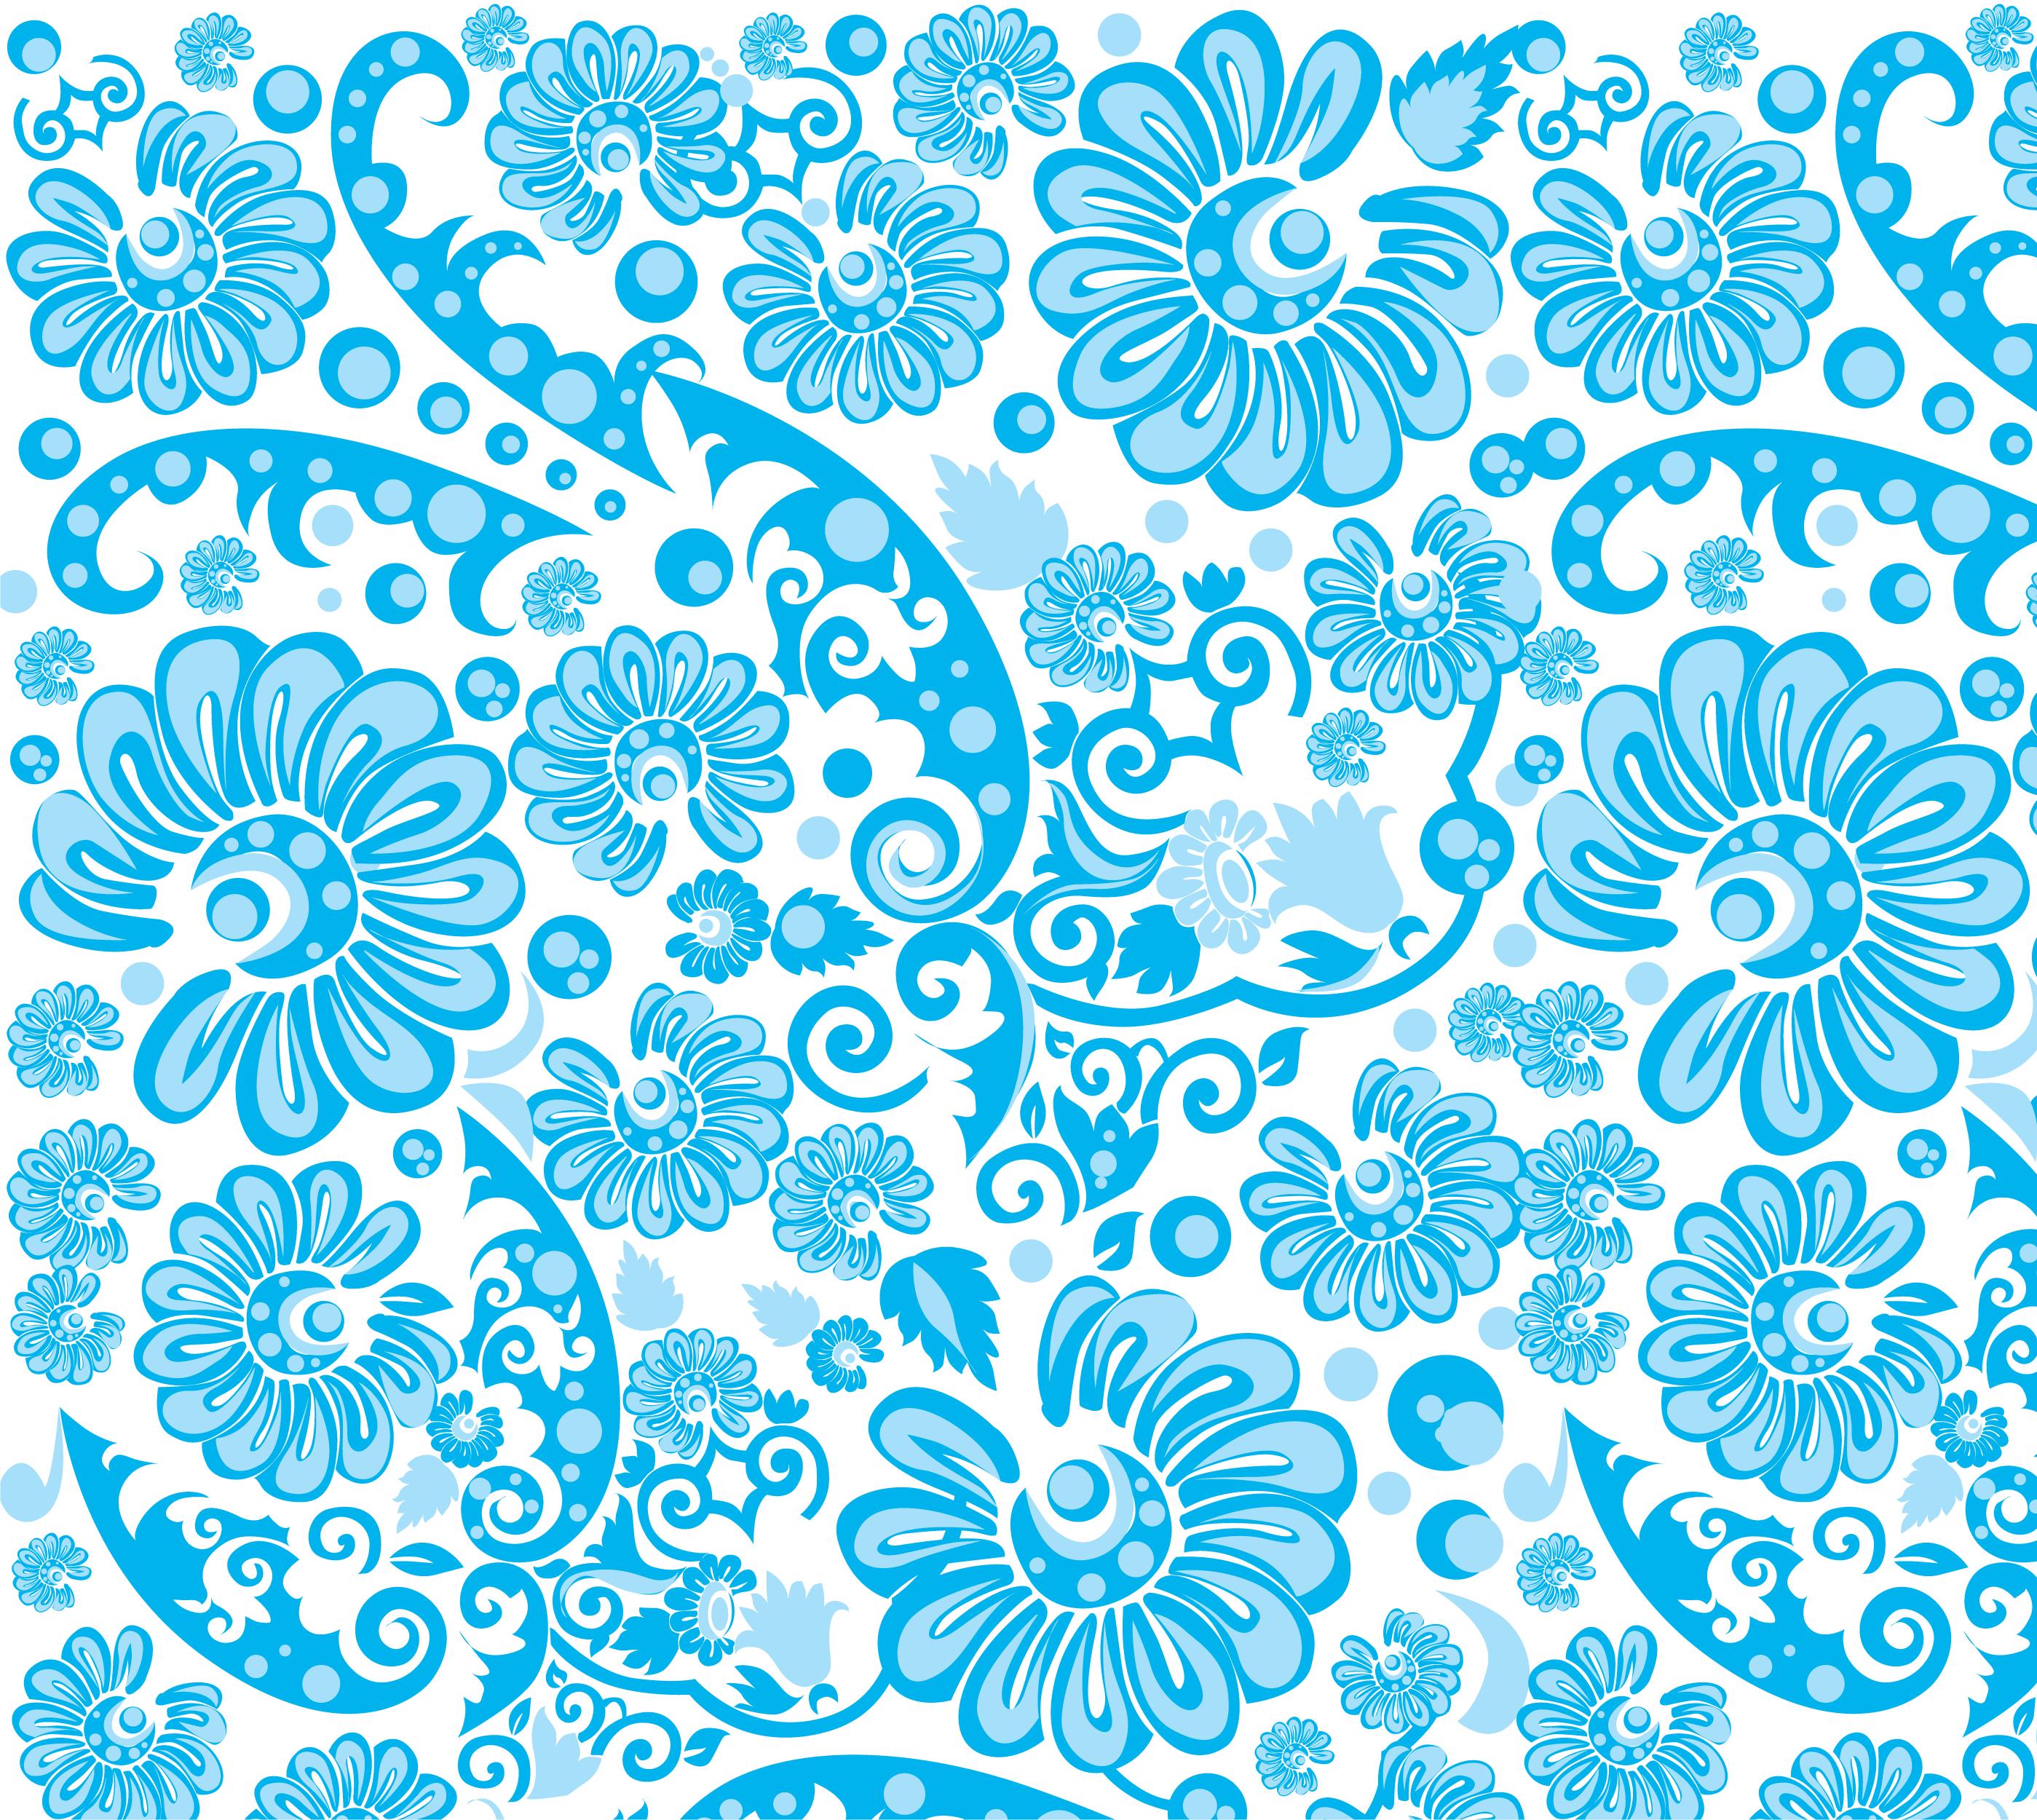 壁紙背景イラスト花の模様柄パターン No127青基調葉ポップ